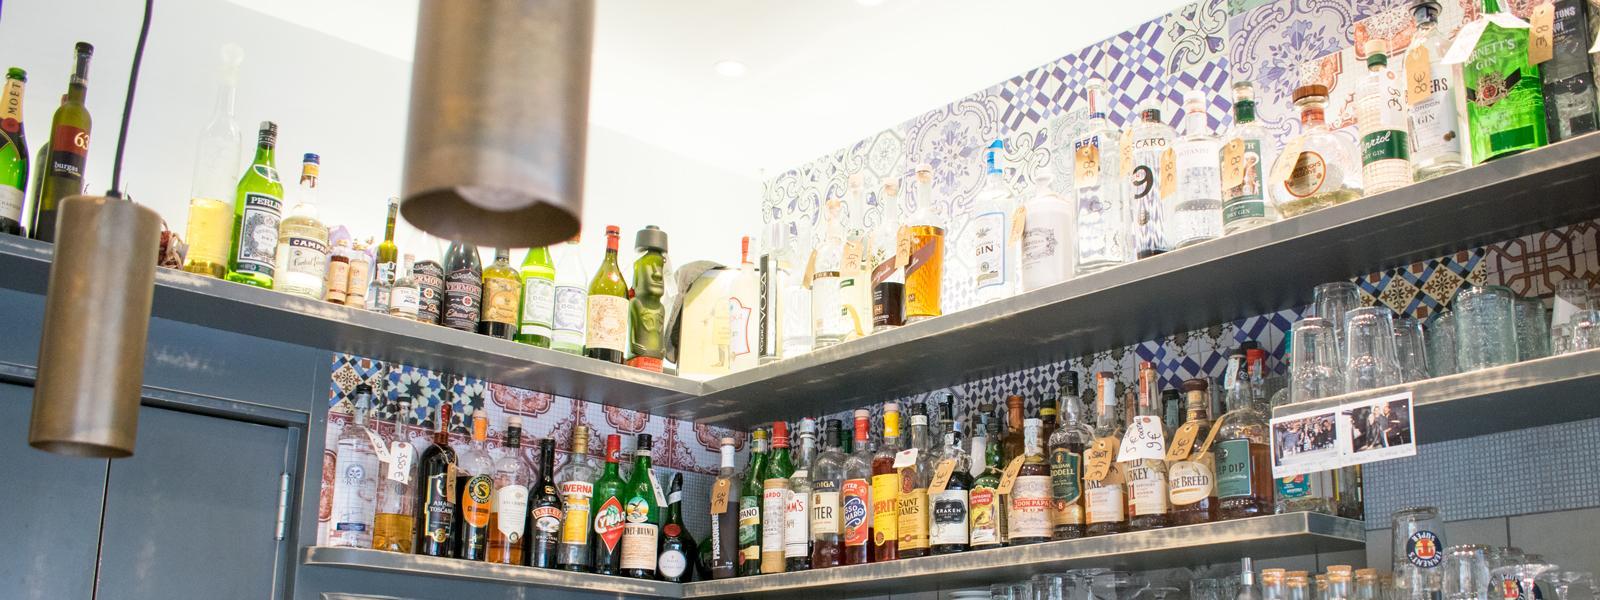 Emilio Cafè Cocktail Bar Vetrinando Arezzo